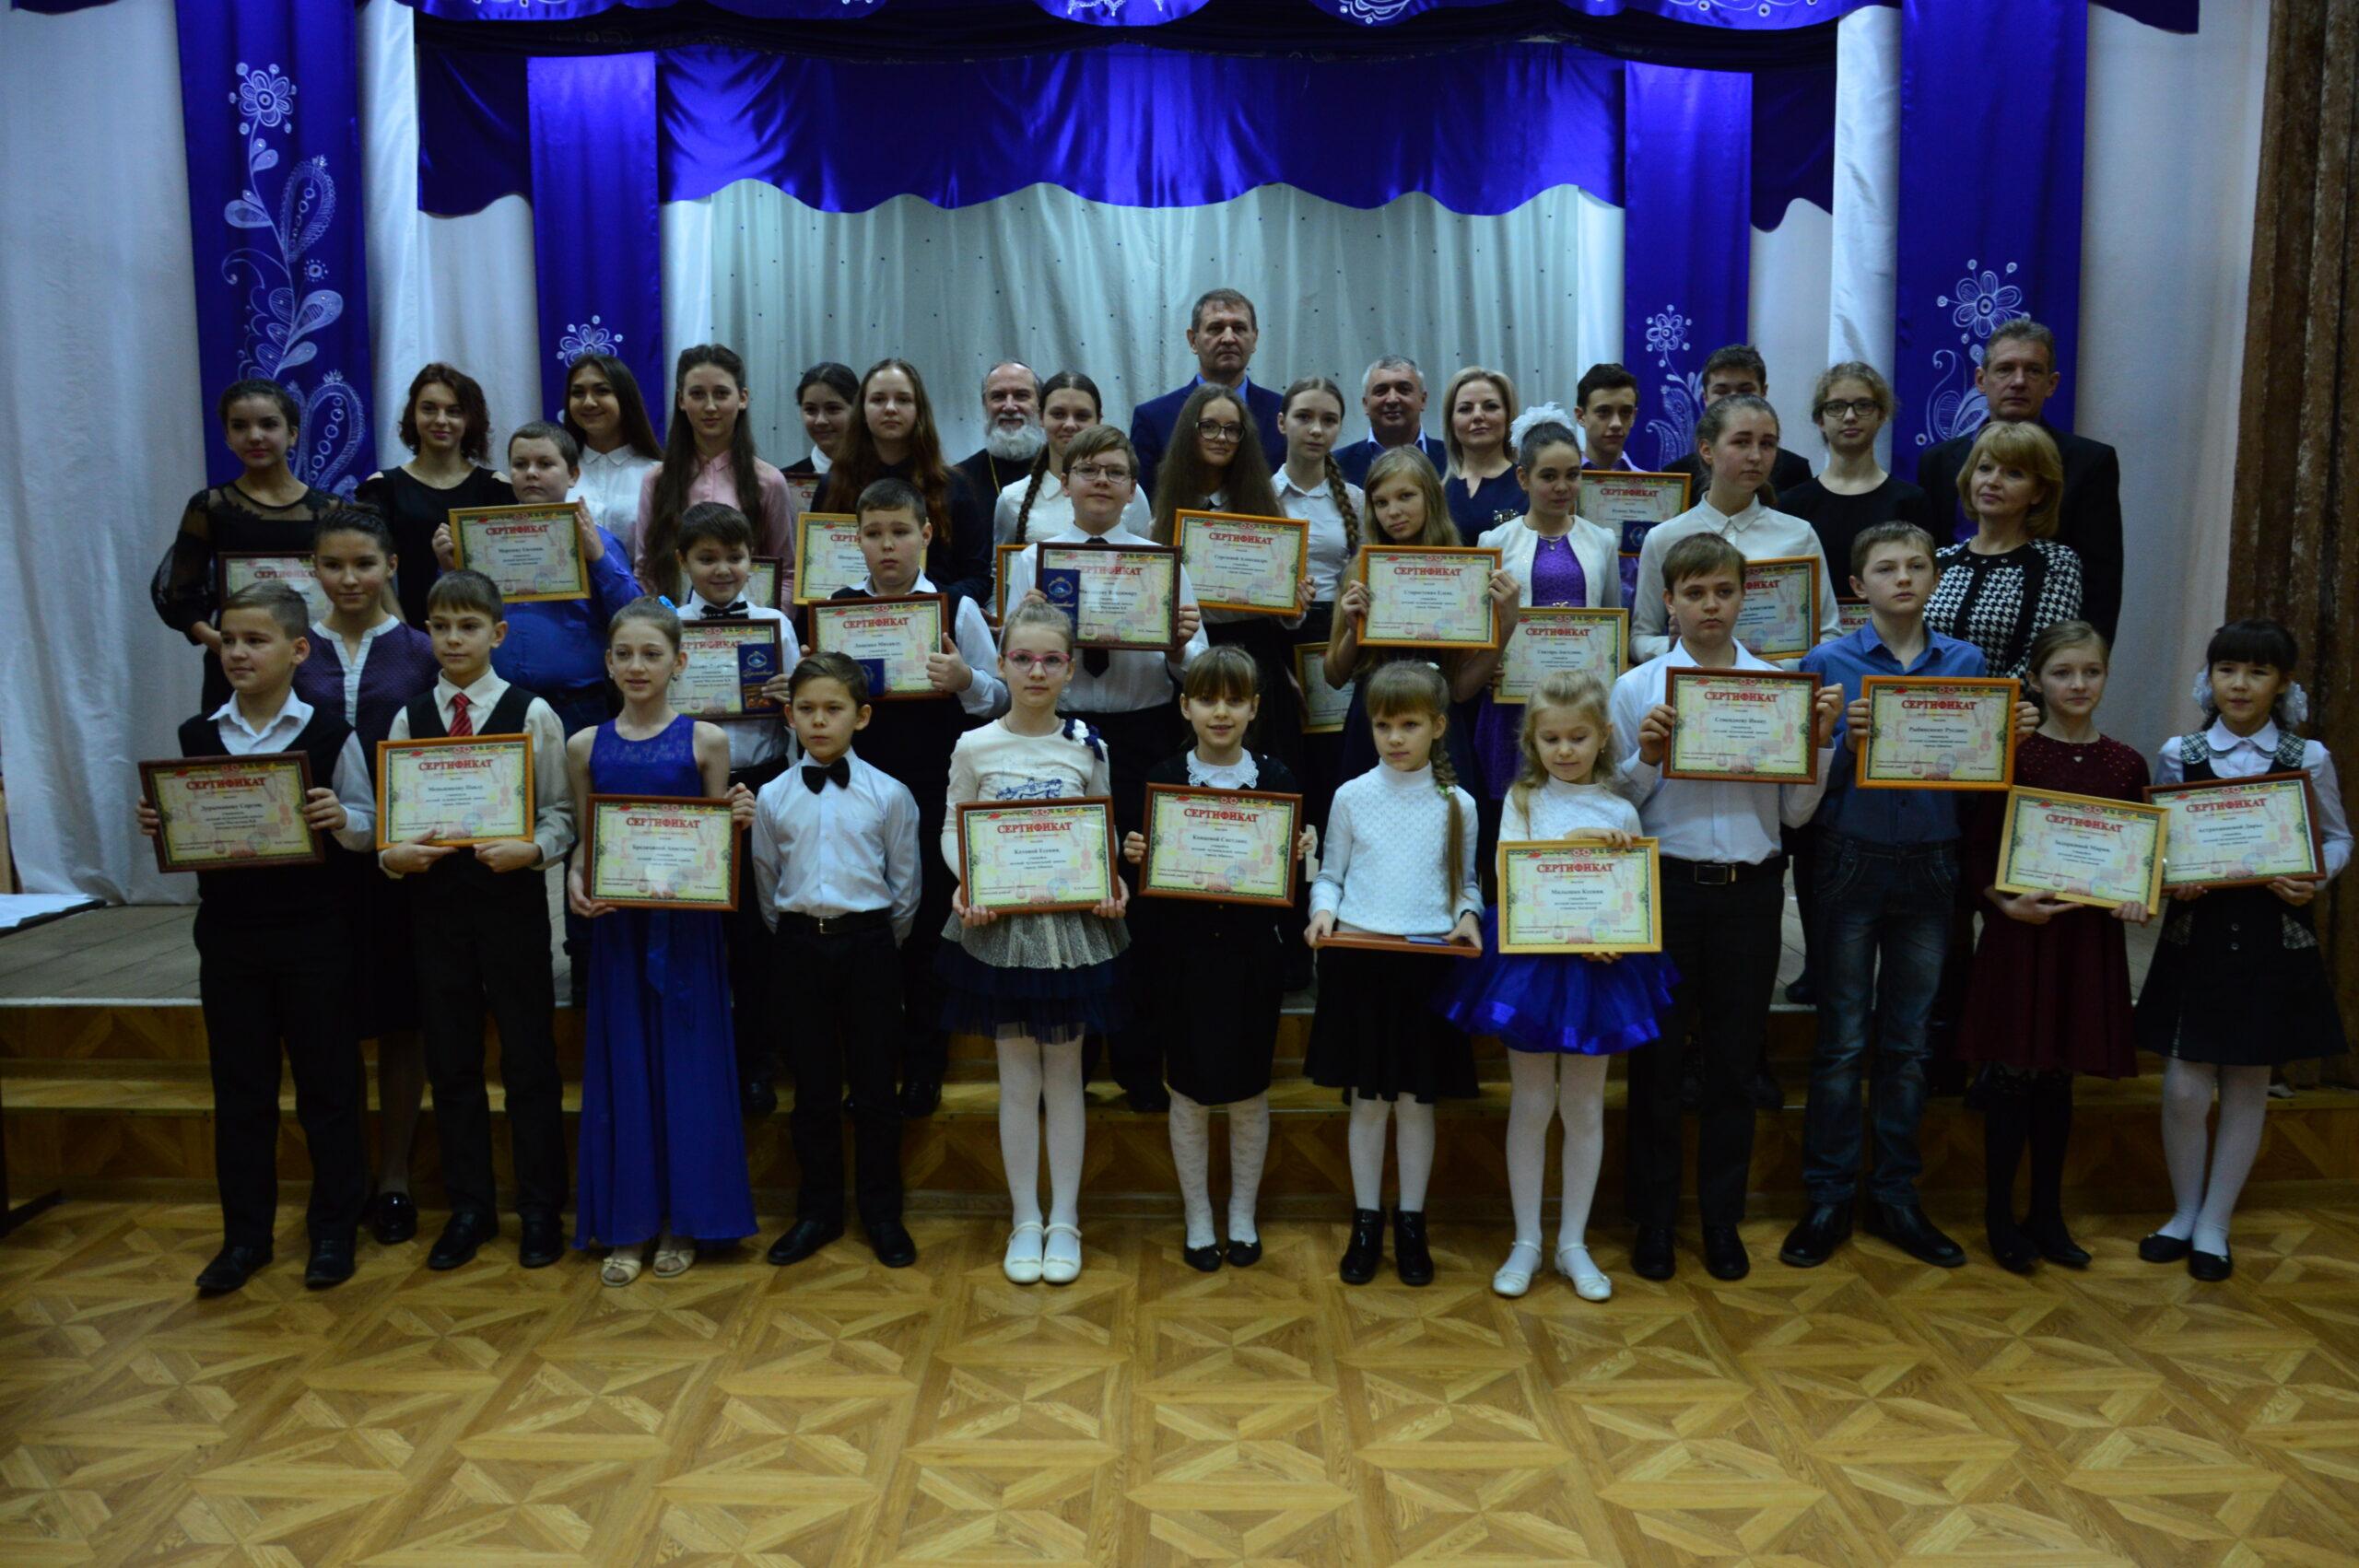 Одаренным детям Абинского района вручили сертификаты на получение стипендии